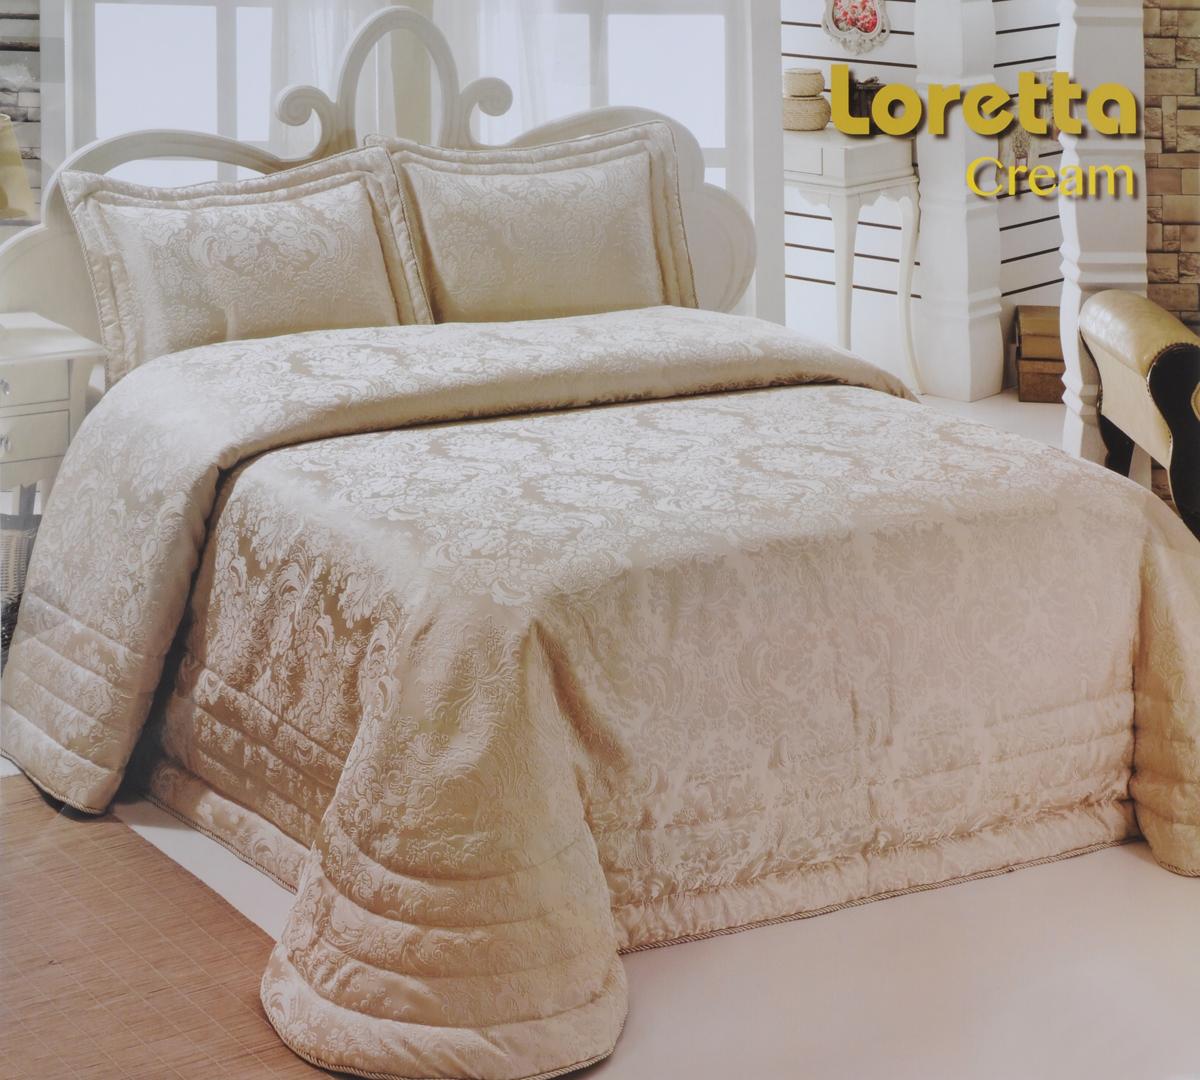 Комплект для спальни Modalin Nazsu. Loretta: покрывало 250 х 270 см, 2 наволочки 50 х 70 см, цвет: кремовый2005/CHAR001Изысканный комплект для спальни Modalin Nazsu. Loretta состоит из покрывала и двух наволочек. Изделия выполнены из высококачественного полиэстера и хлопка, легкие, прочные и износостойкие. Ткань блестящая, что придает ей больше роскошиКомплект Modalin Nazsu. Loretta - это отличный способ придать спальне уют и комфорт.Размер покрывала: 250 х 270 см.Размер наволочек: 50 х 70 см.